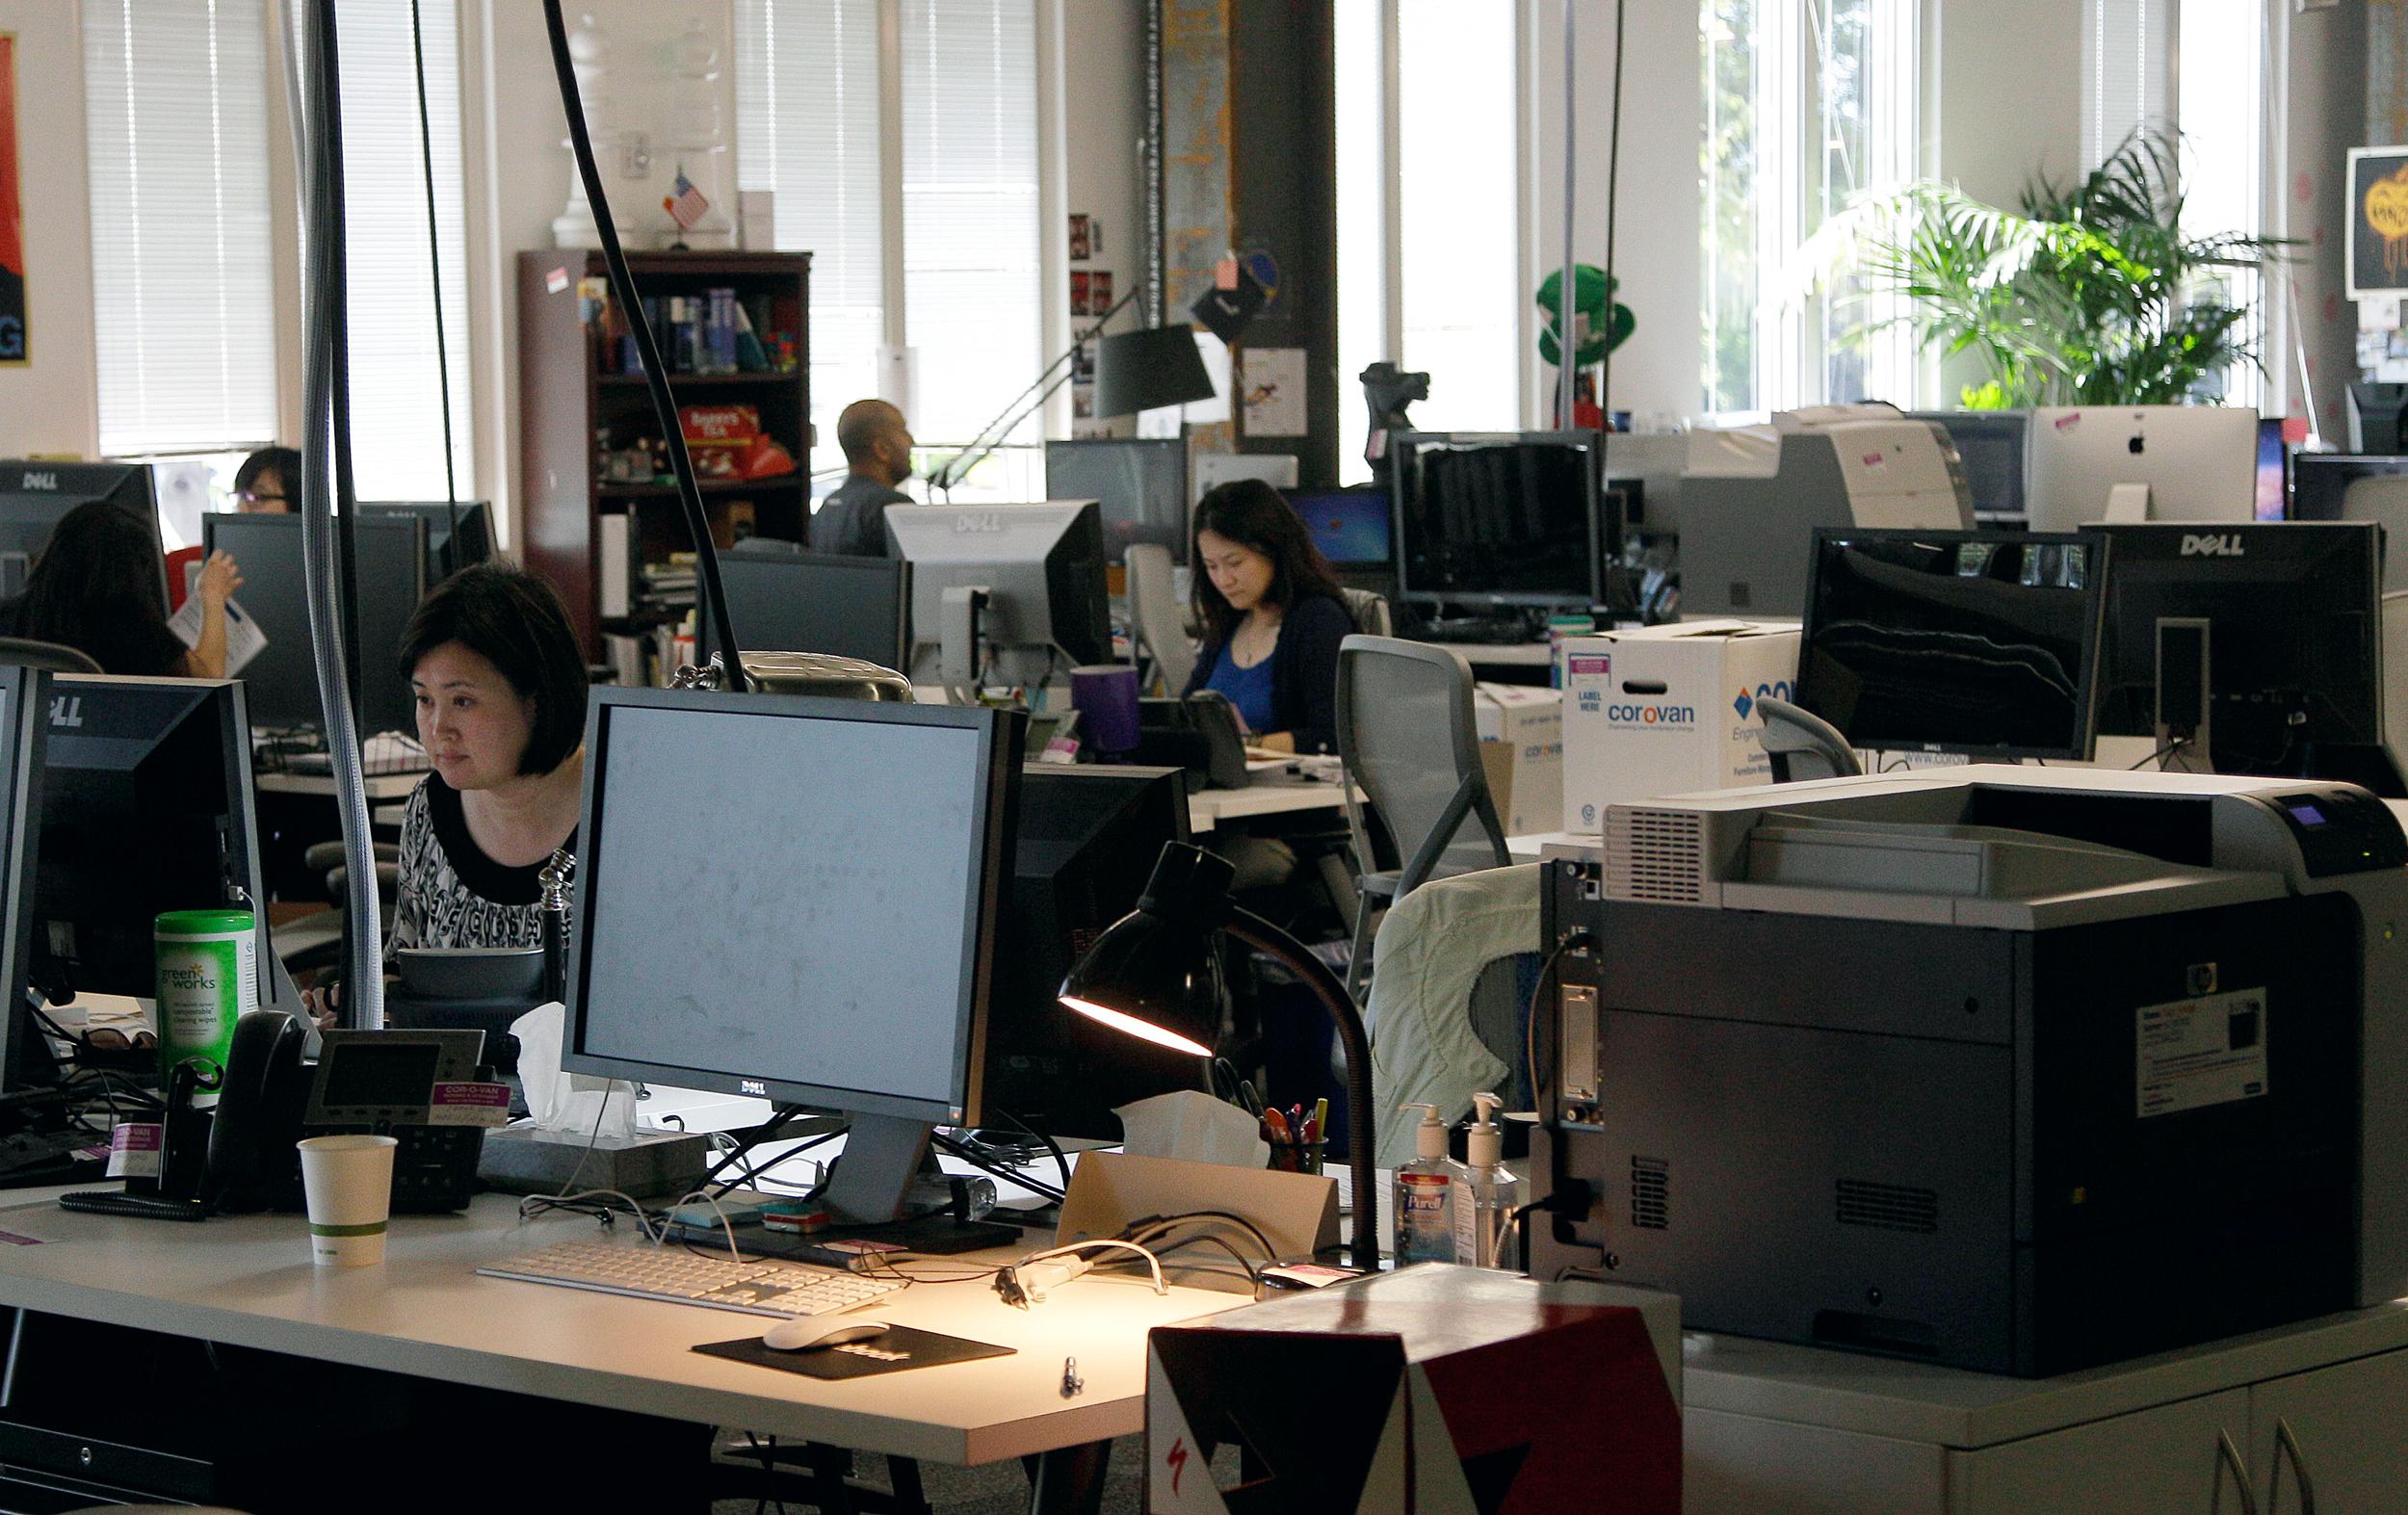 Tỉ lệ thất nghiệp Mỹ gia tăng khiến nỗi lo visa đè nặng người lao động châu Á trong các công ty công nghệ - Ảnh 7.